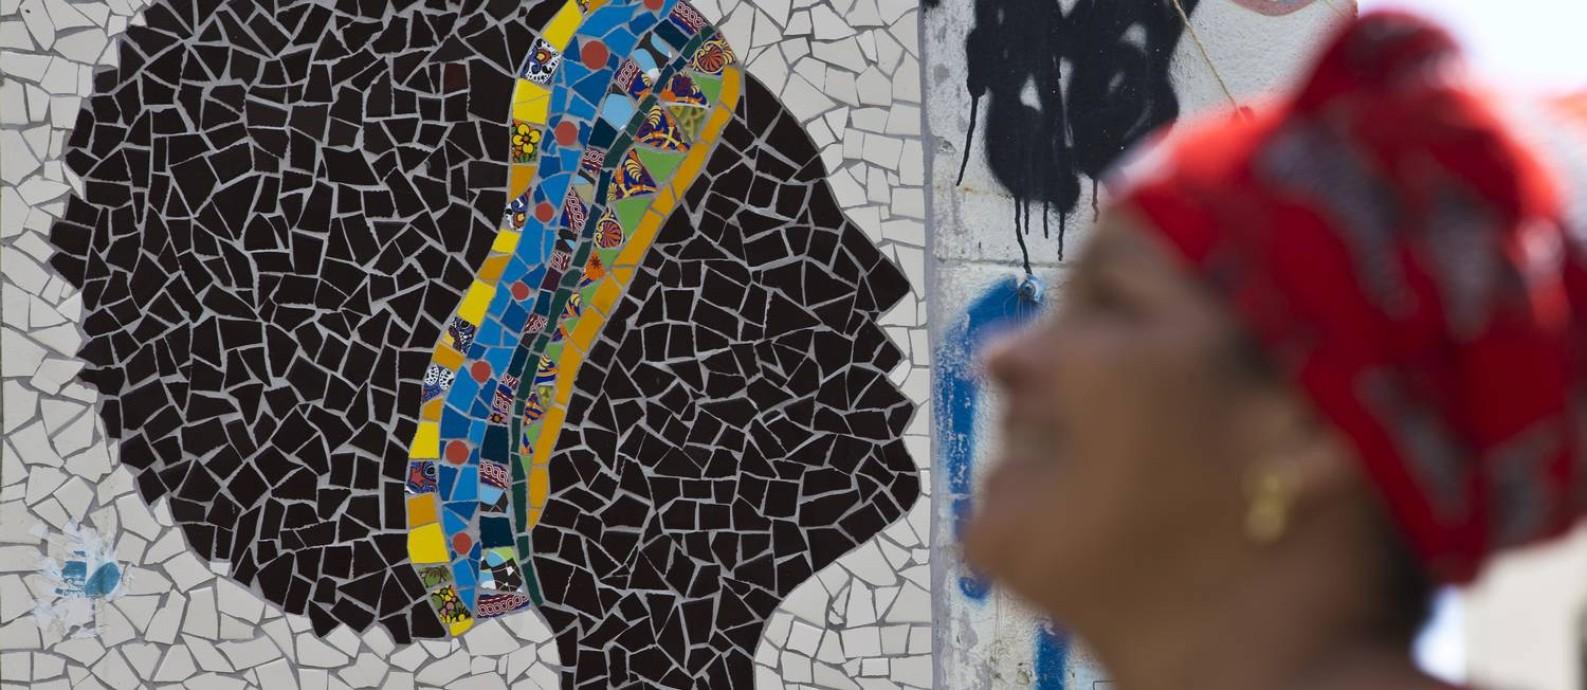 Grafites, pichações e murais com referência a Marielle, como o mosaico na Pedra do Sal, se espalham pela cidade Foto: Márcia Foletto / Agência O Globo